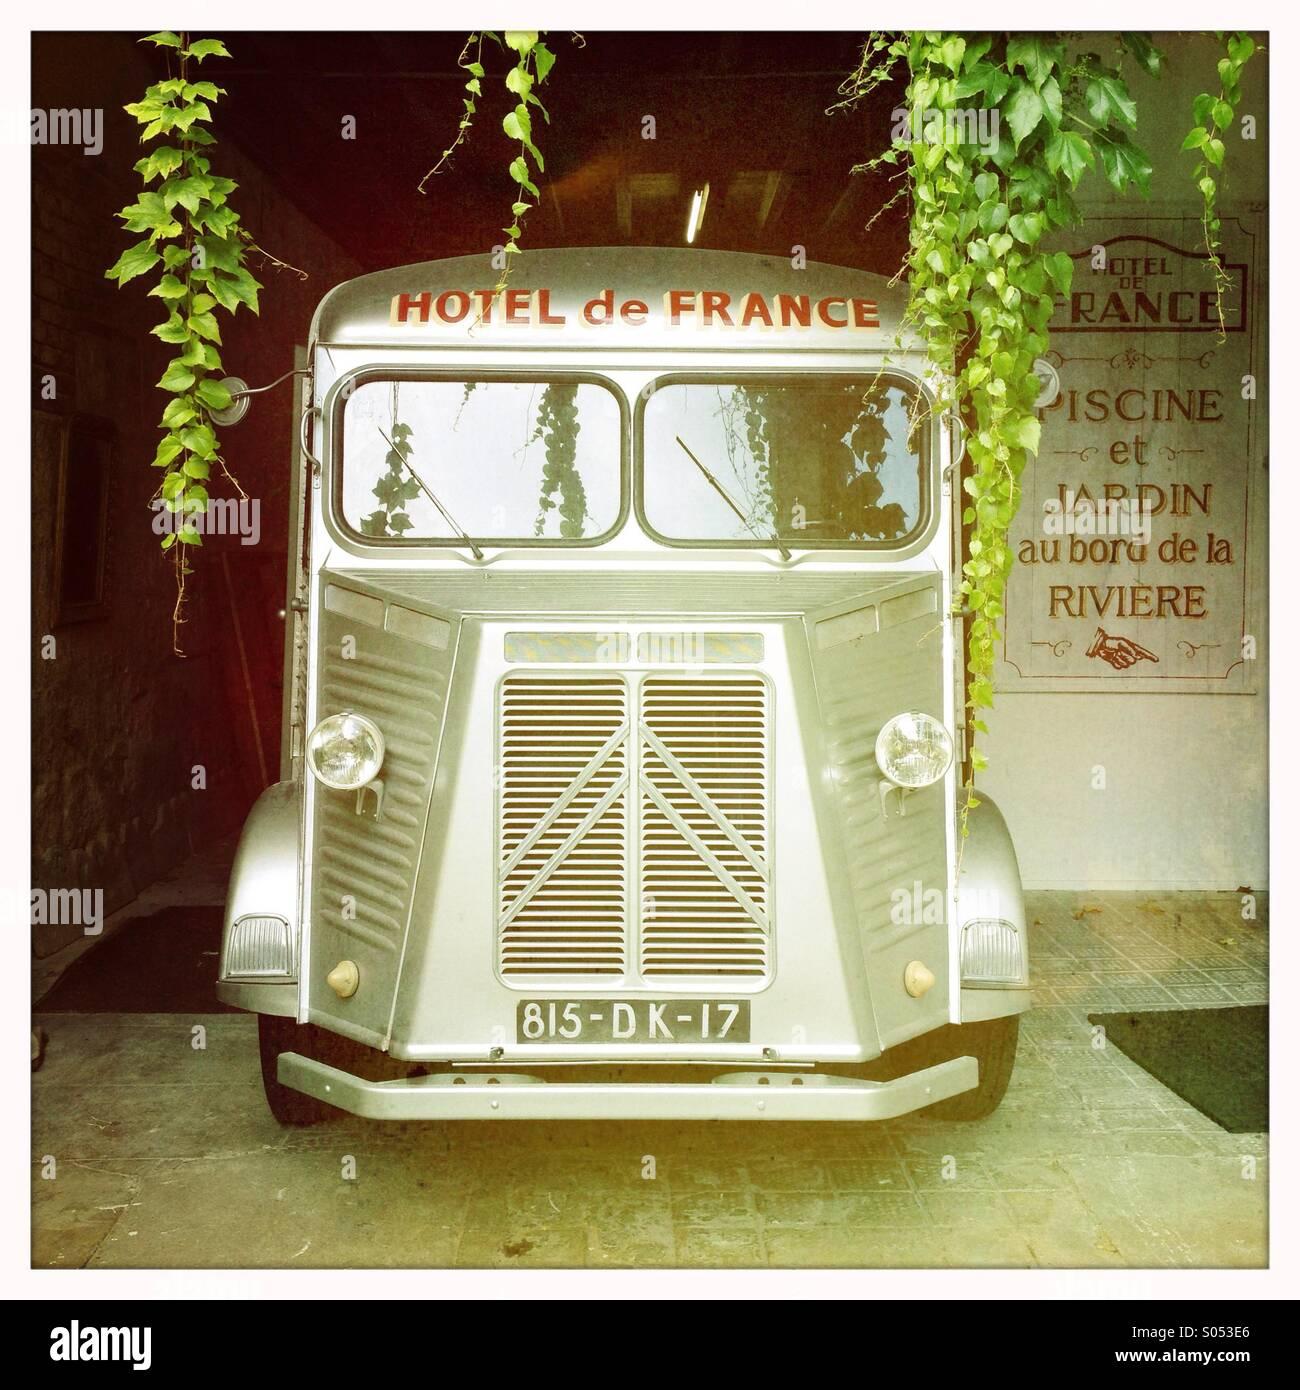 Vintage Citroën H van en la Francia rural Foto de stock